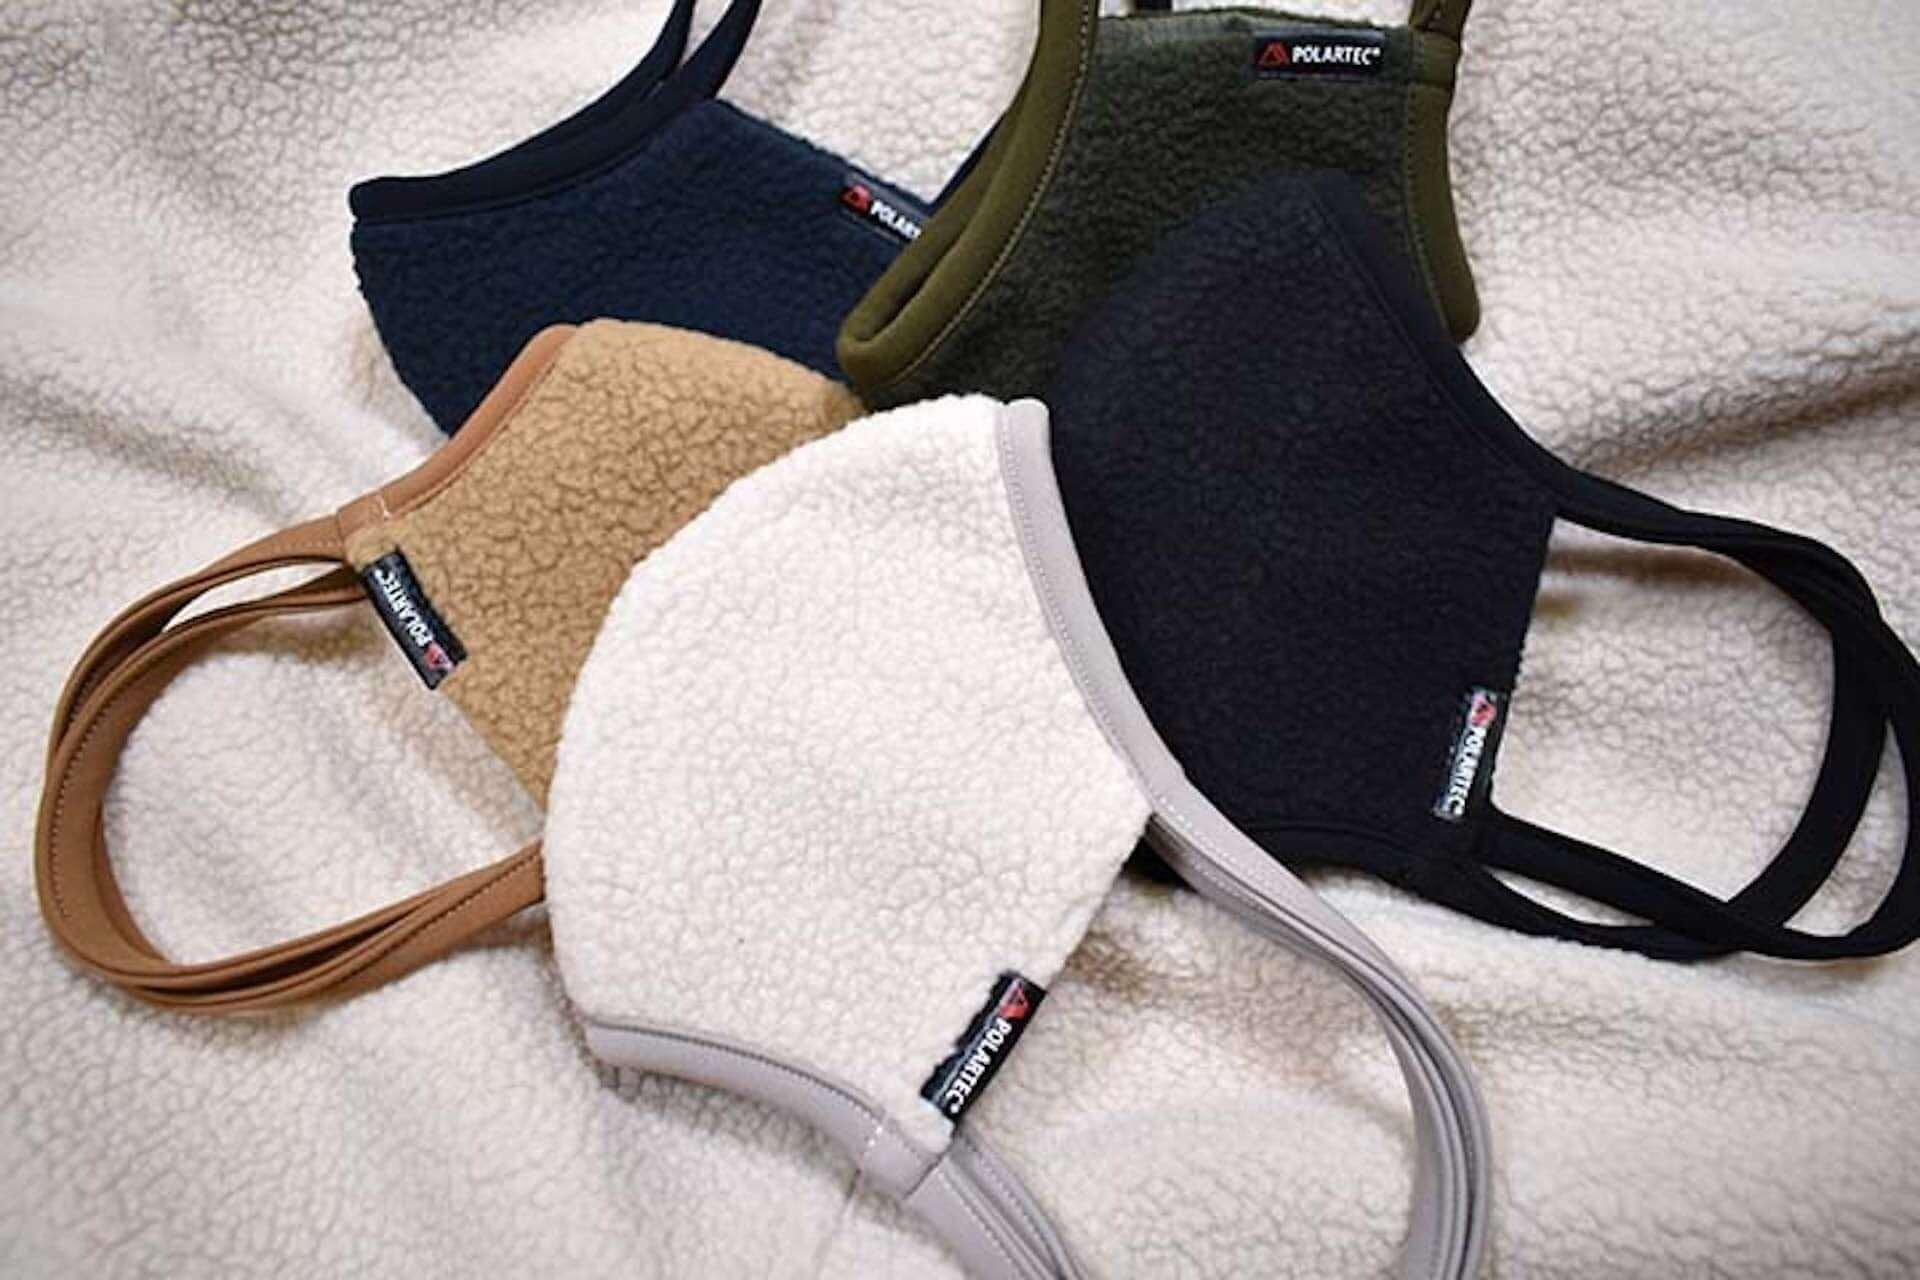 真冬のコーディネートにもおすすめ!「POLARTEC(R)」のボアフリースを使用したマスクが発売 lf210112_fleecemask_2-1920x1280